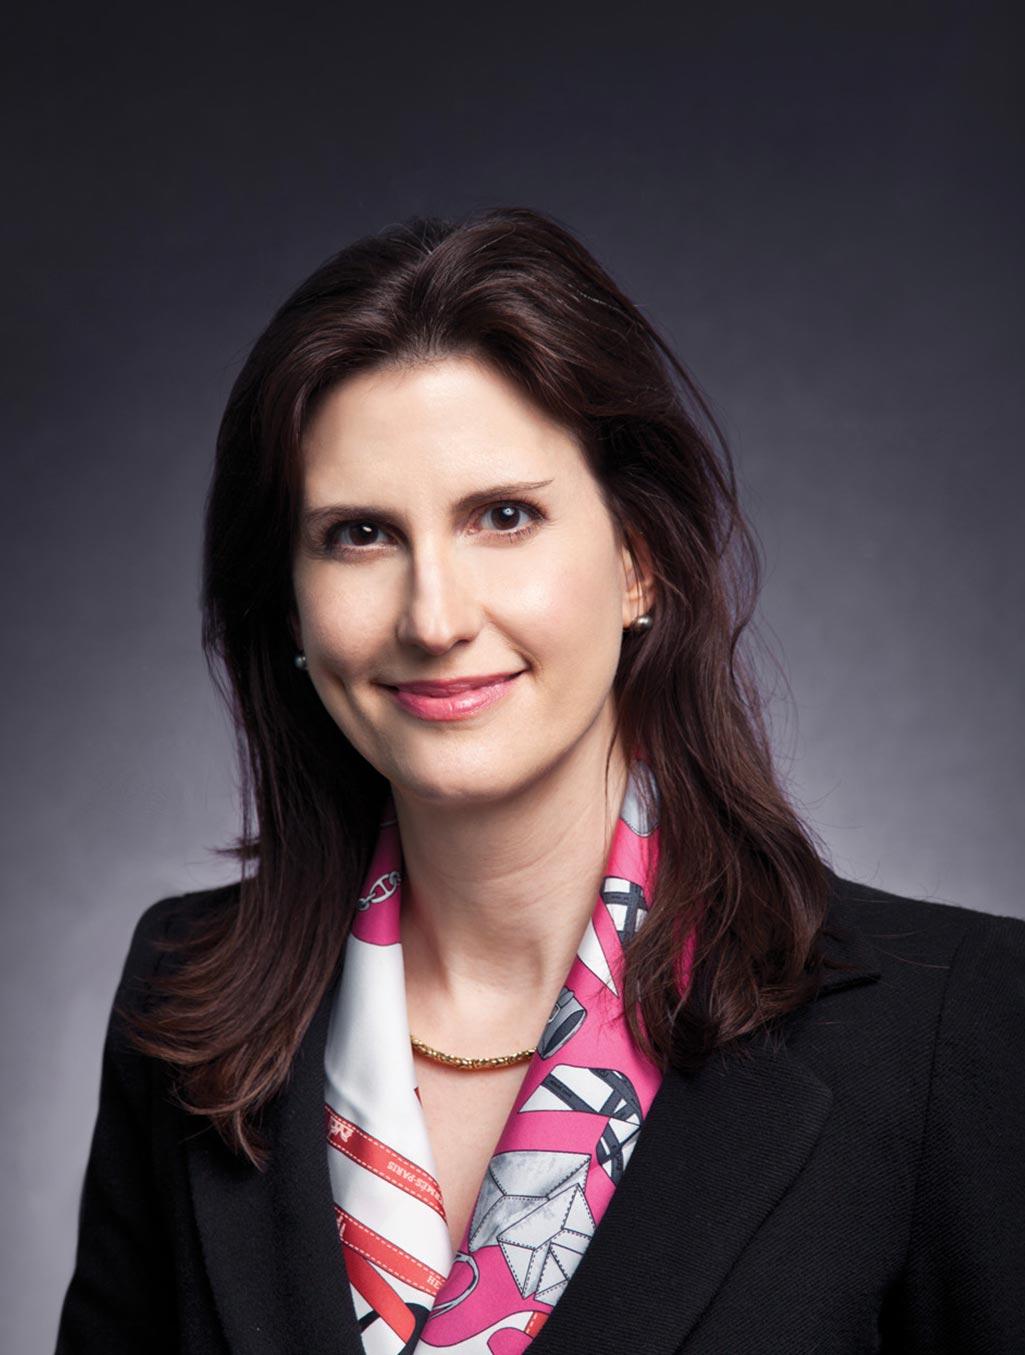 Melanie Alshab